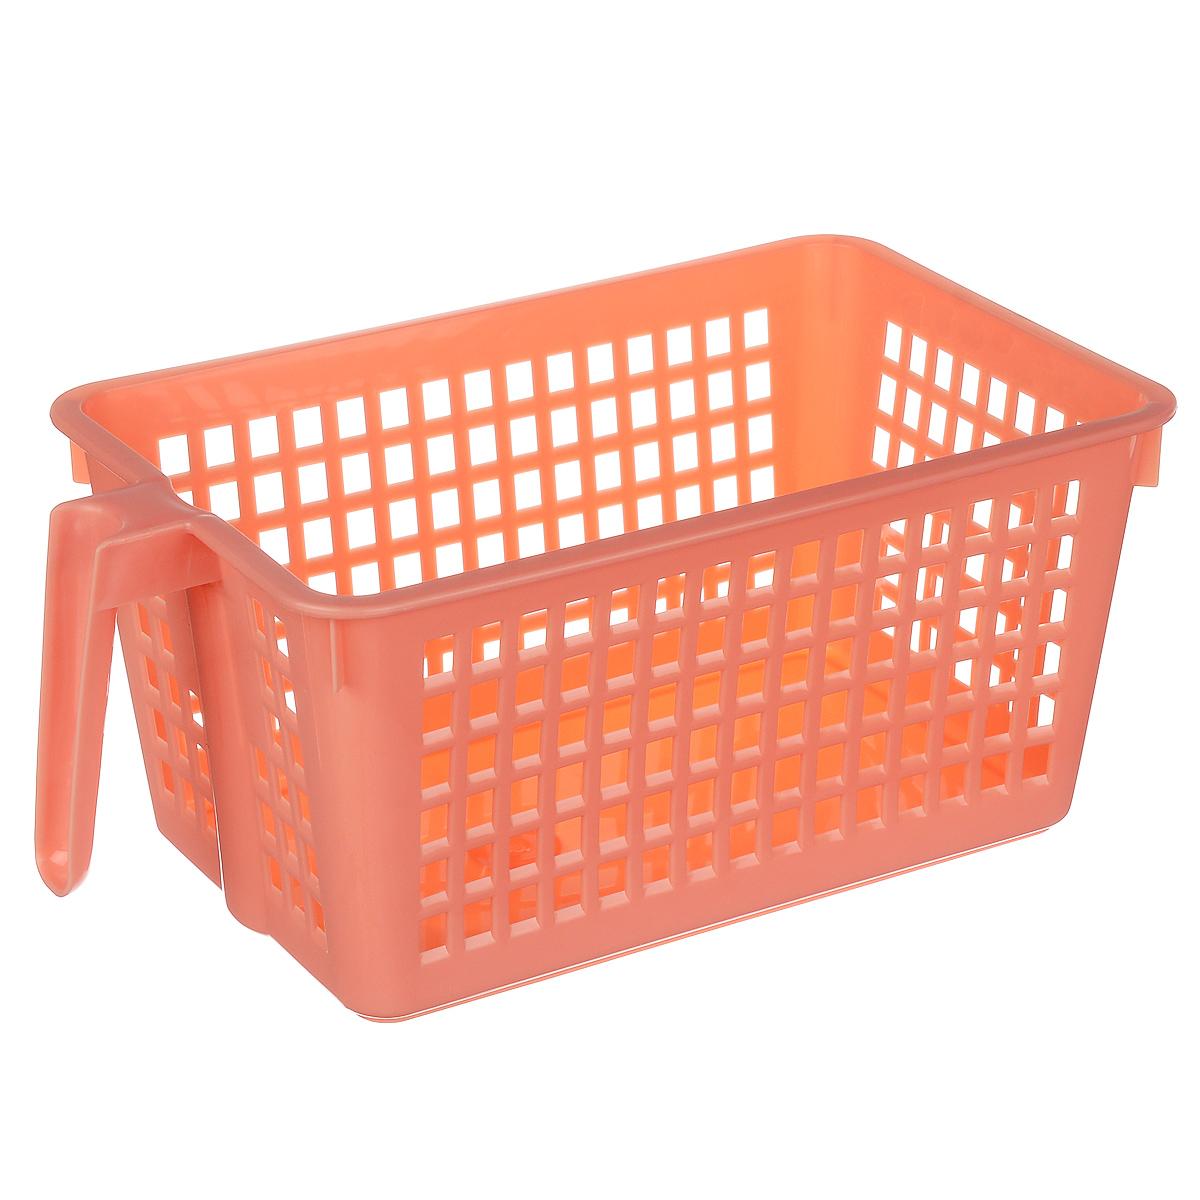 Корзинка универсальная Econova, с ручкой, цвет: коралловый, 28 х 16 х 12 смС12568_коралловый/847545Универсальная корзинка Econova изготовлена из высококачественного пластика и предназначена для хранения и транспортировки вещей. Корзинка подойдет как для пищевых продуктов, так и для ванных принадлежностей и различных мелочей. Изделие оснащено ручкой для более удобной транспортировки. Стенки корзинки оформлены перфорацией, что обеспечивает естественную вентиляцию. Универсальная корзинка Econova позволит вам хранить вещи компактно и с удобством.